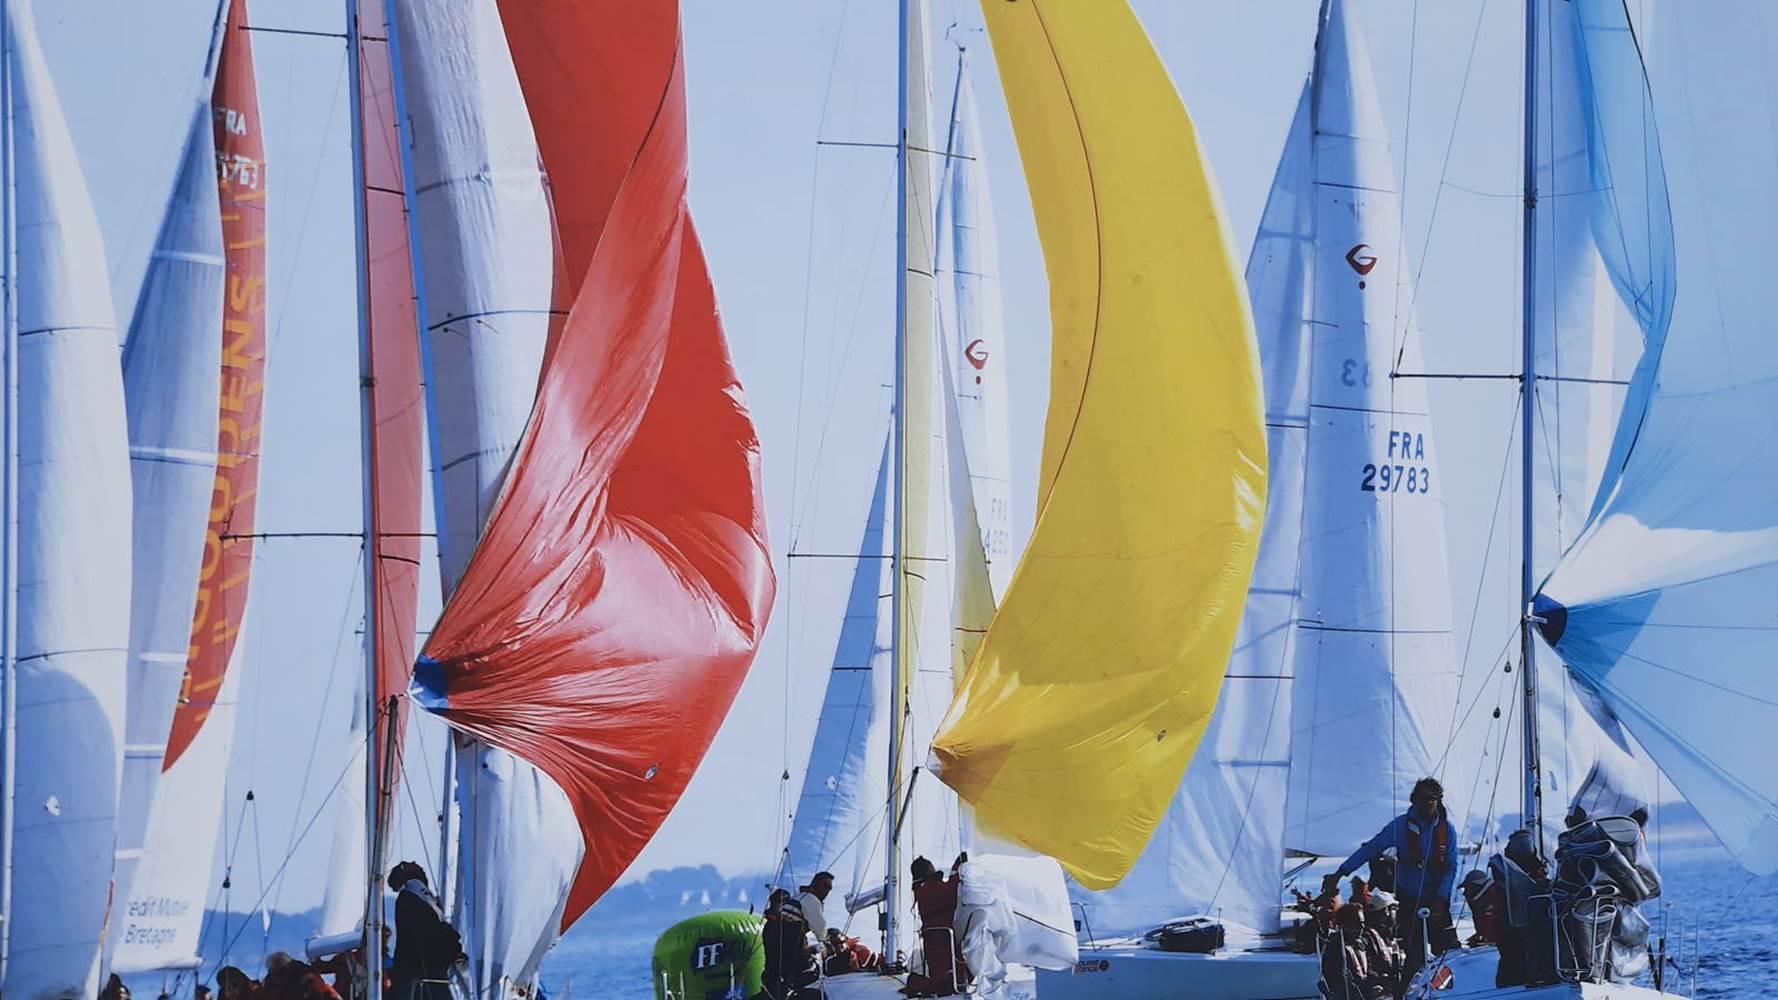 Les jolies couleurs des voiles des bateaux dans les eaux bretonnes à la Trinité-ur-Mer ©